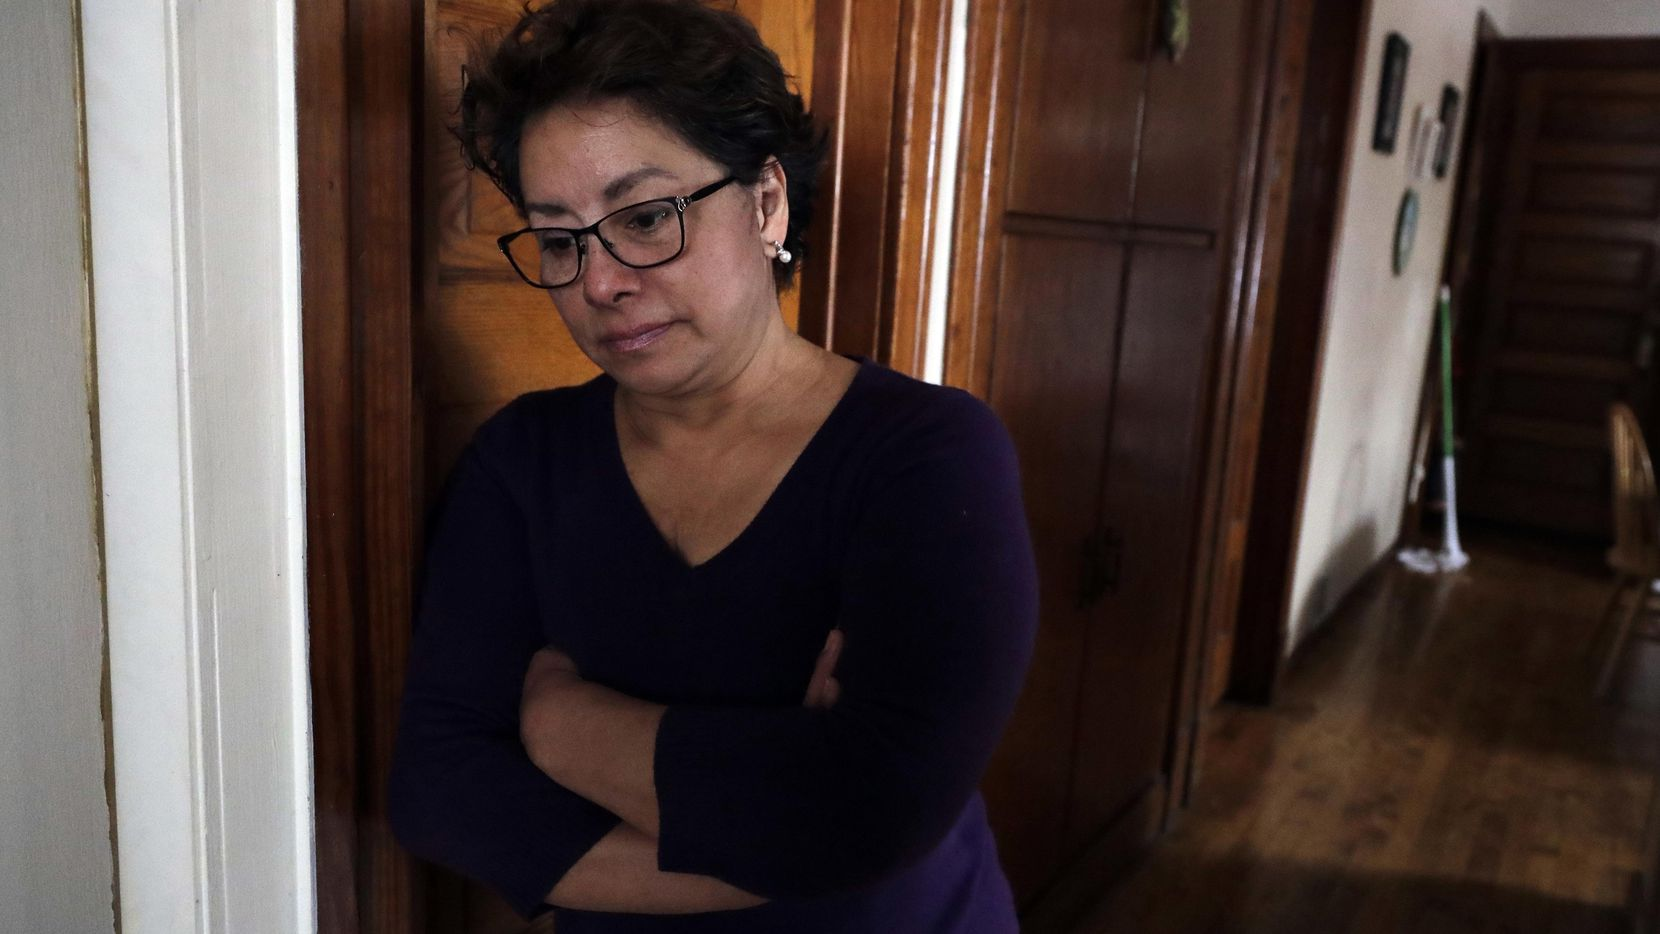 Isabel Escobar, quien es guatemalteca, ha limpiado casas por años y afirma haber sufrido acoso sexual en su trabajo, algo poco reportado debido a que las mujeres temen perder su empleo o ser deportadas. (AP/NAM Y. HUH)